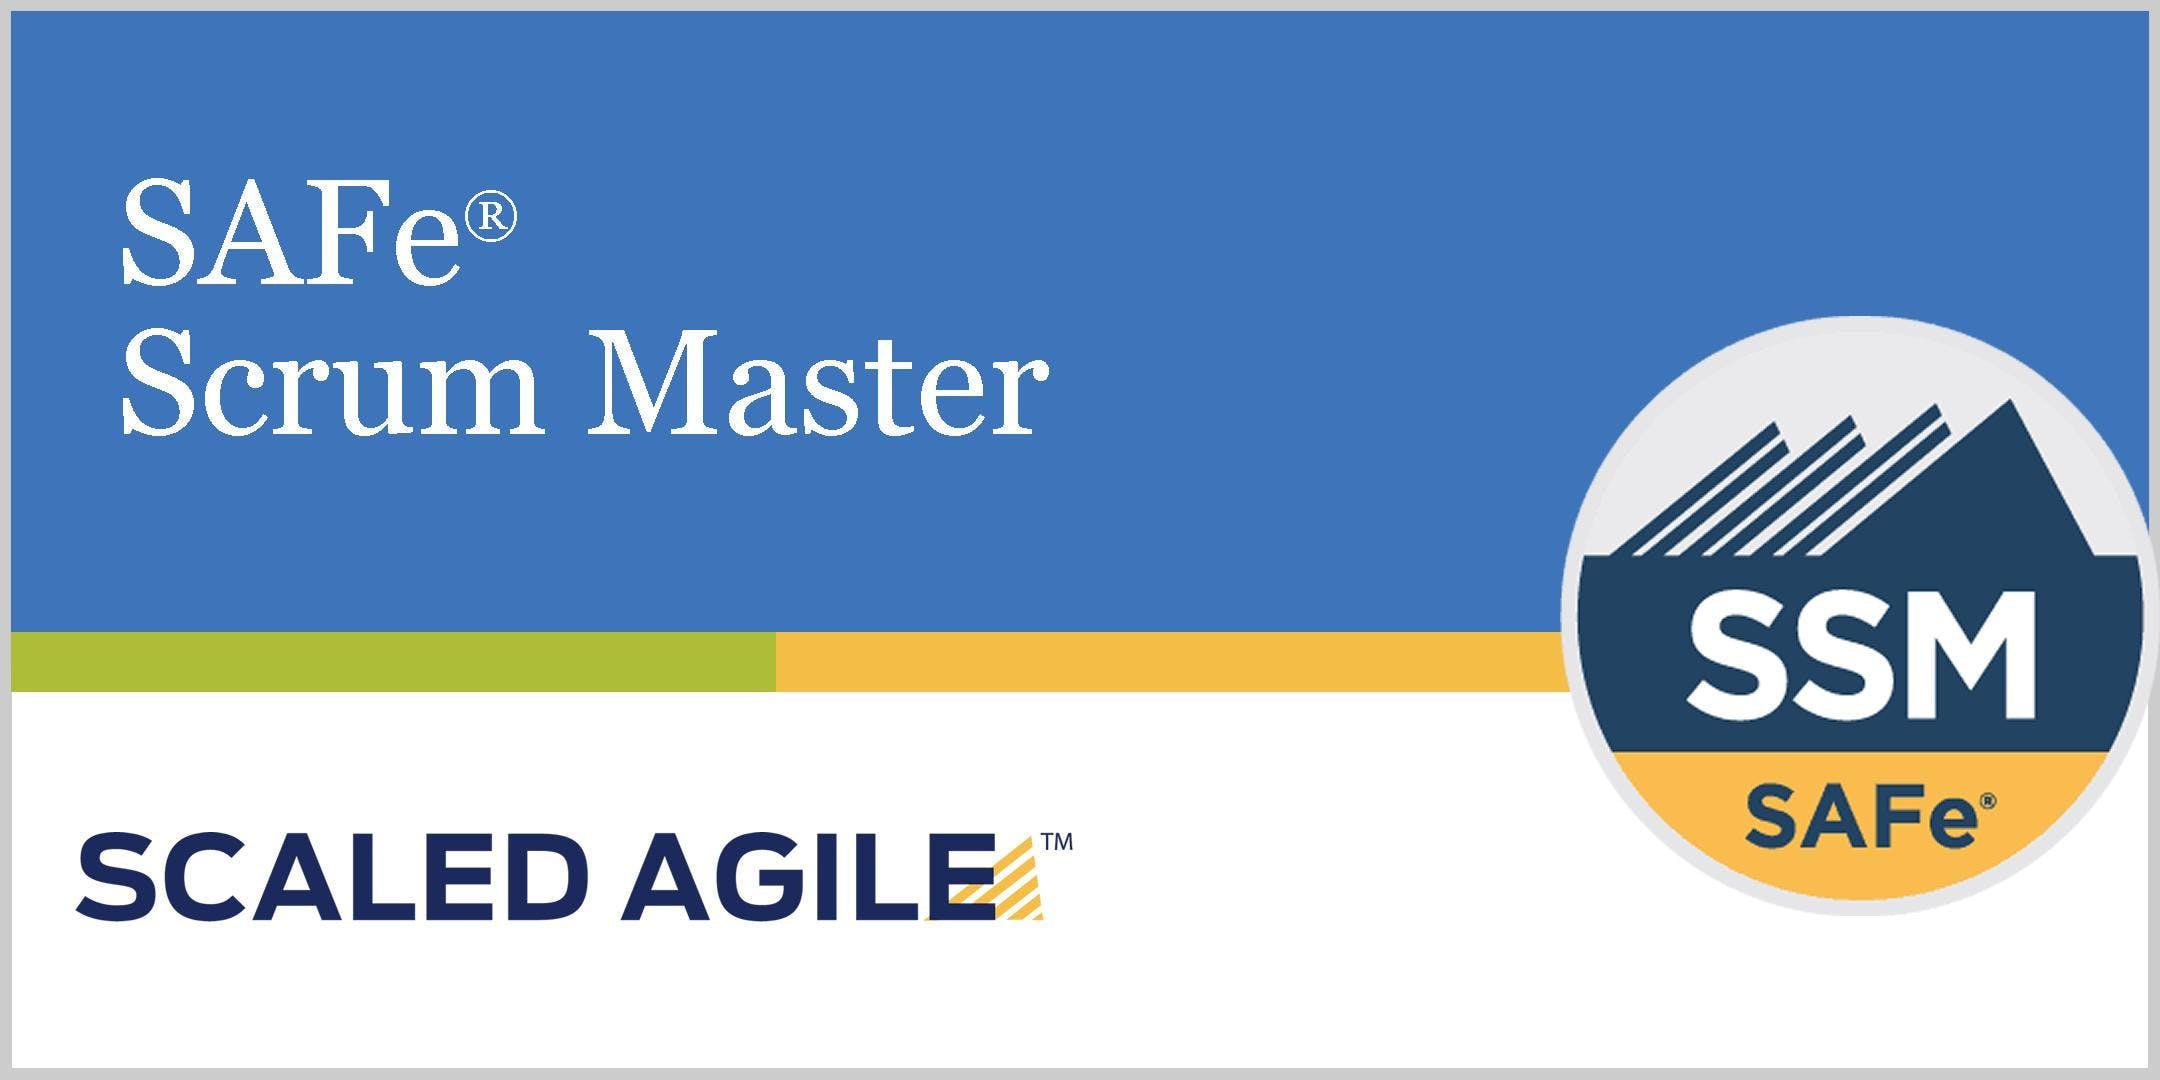 Scrum Master Training Ssm 45 Agile Certification 28 Jul 2018